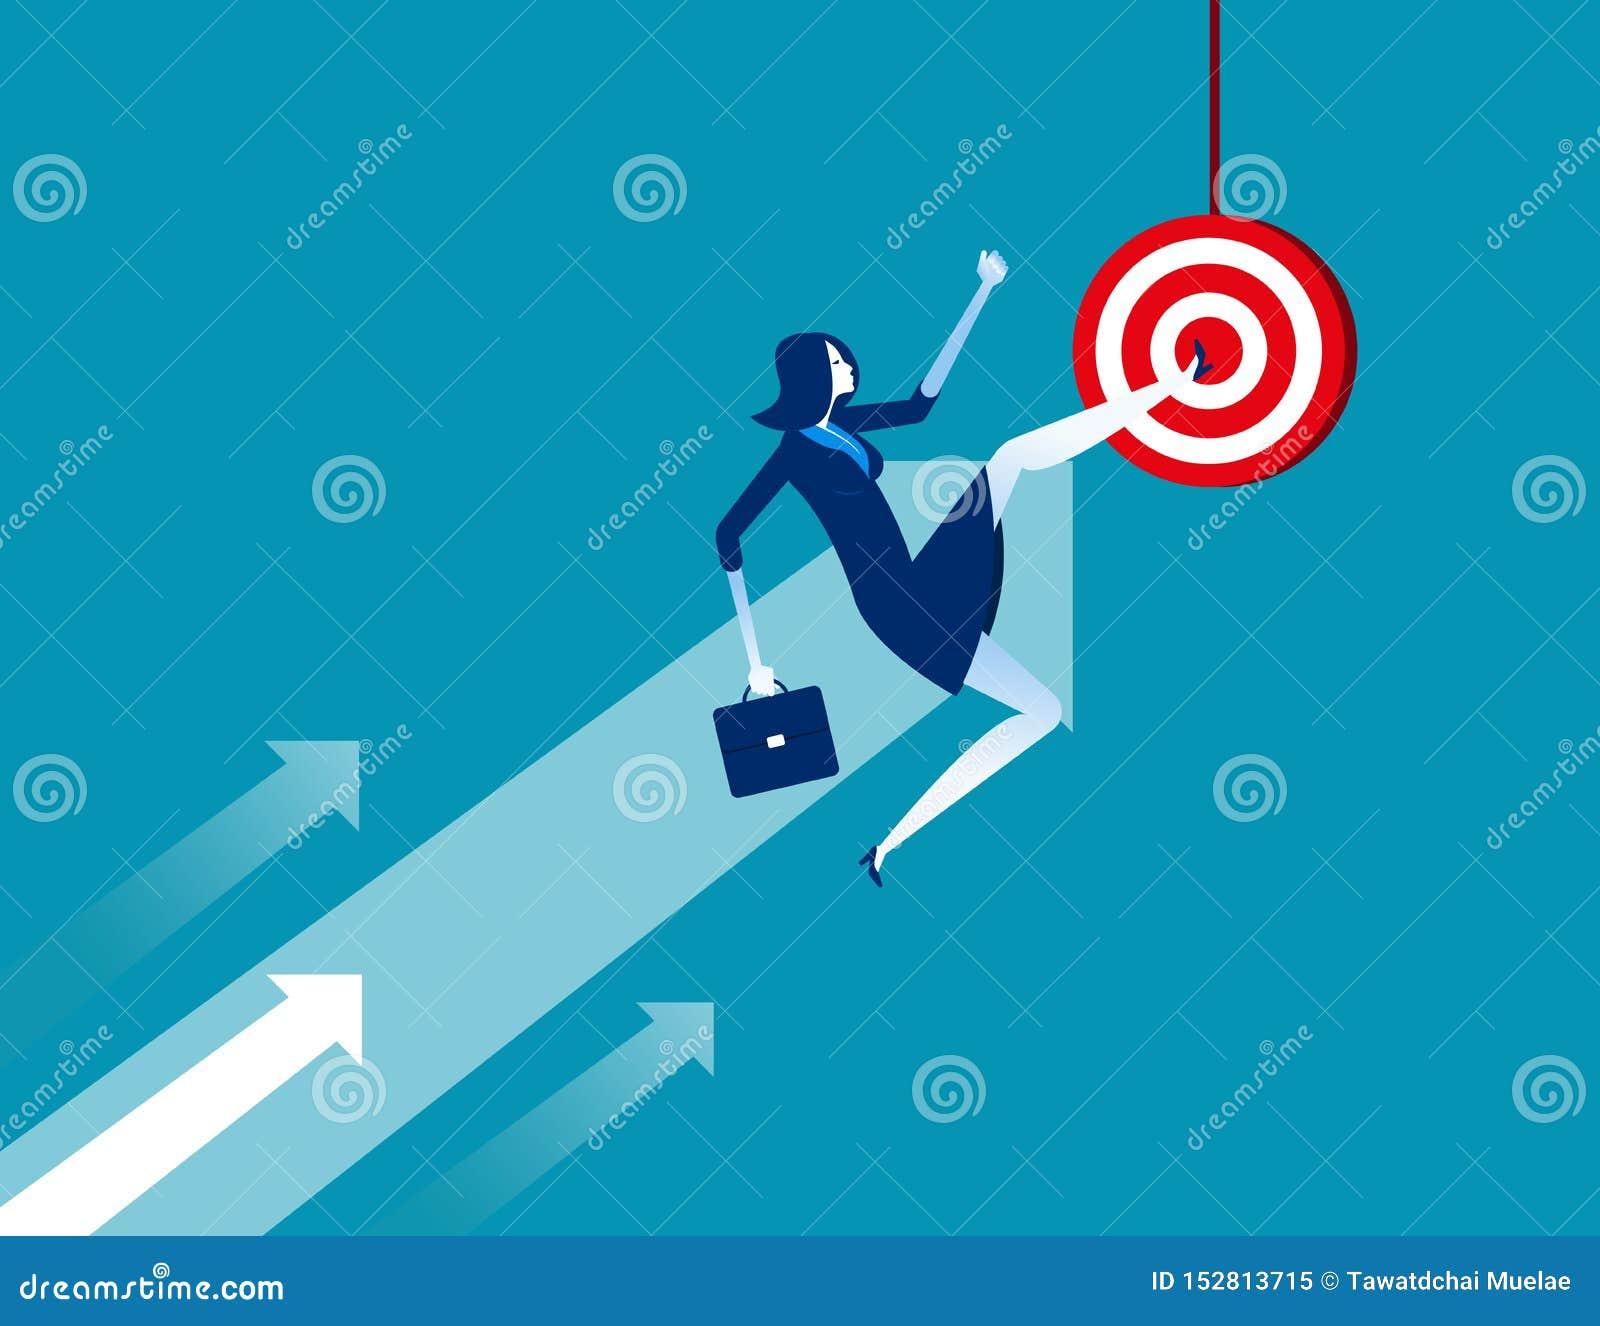 Στόχος λακτίσματος επιχειρηματιών r Επίπεδος χαρακτήρας κινουμένων σχεδίων, επιτυχία, σύμβολο βελών